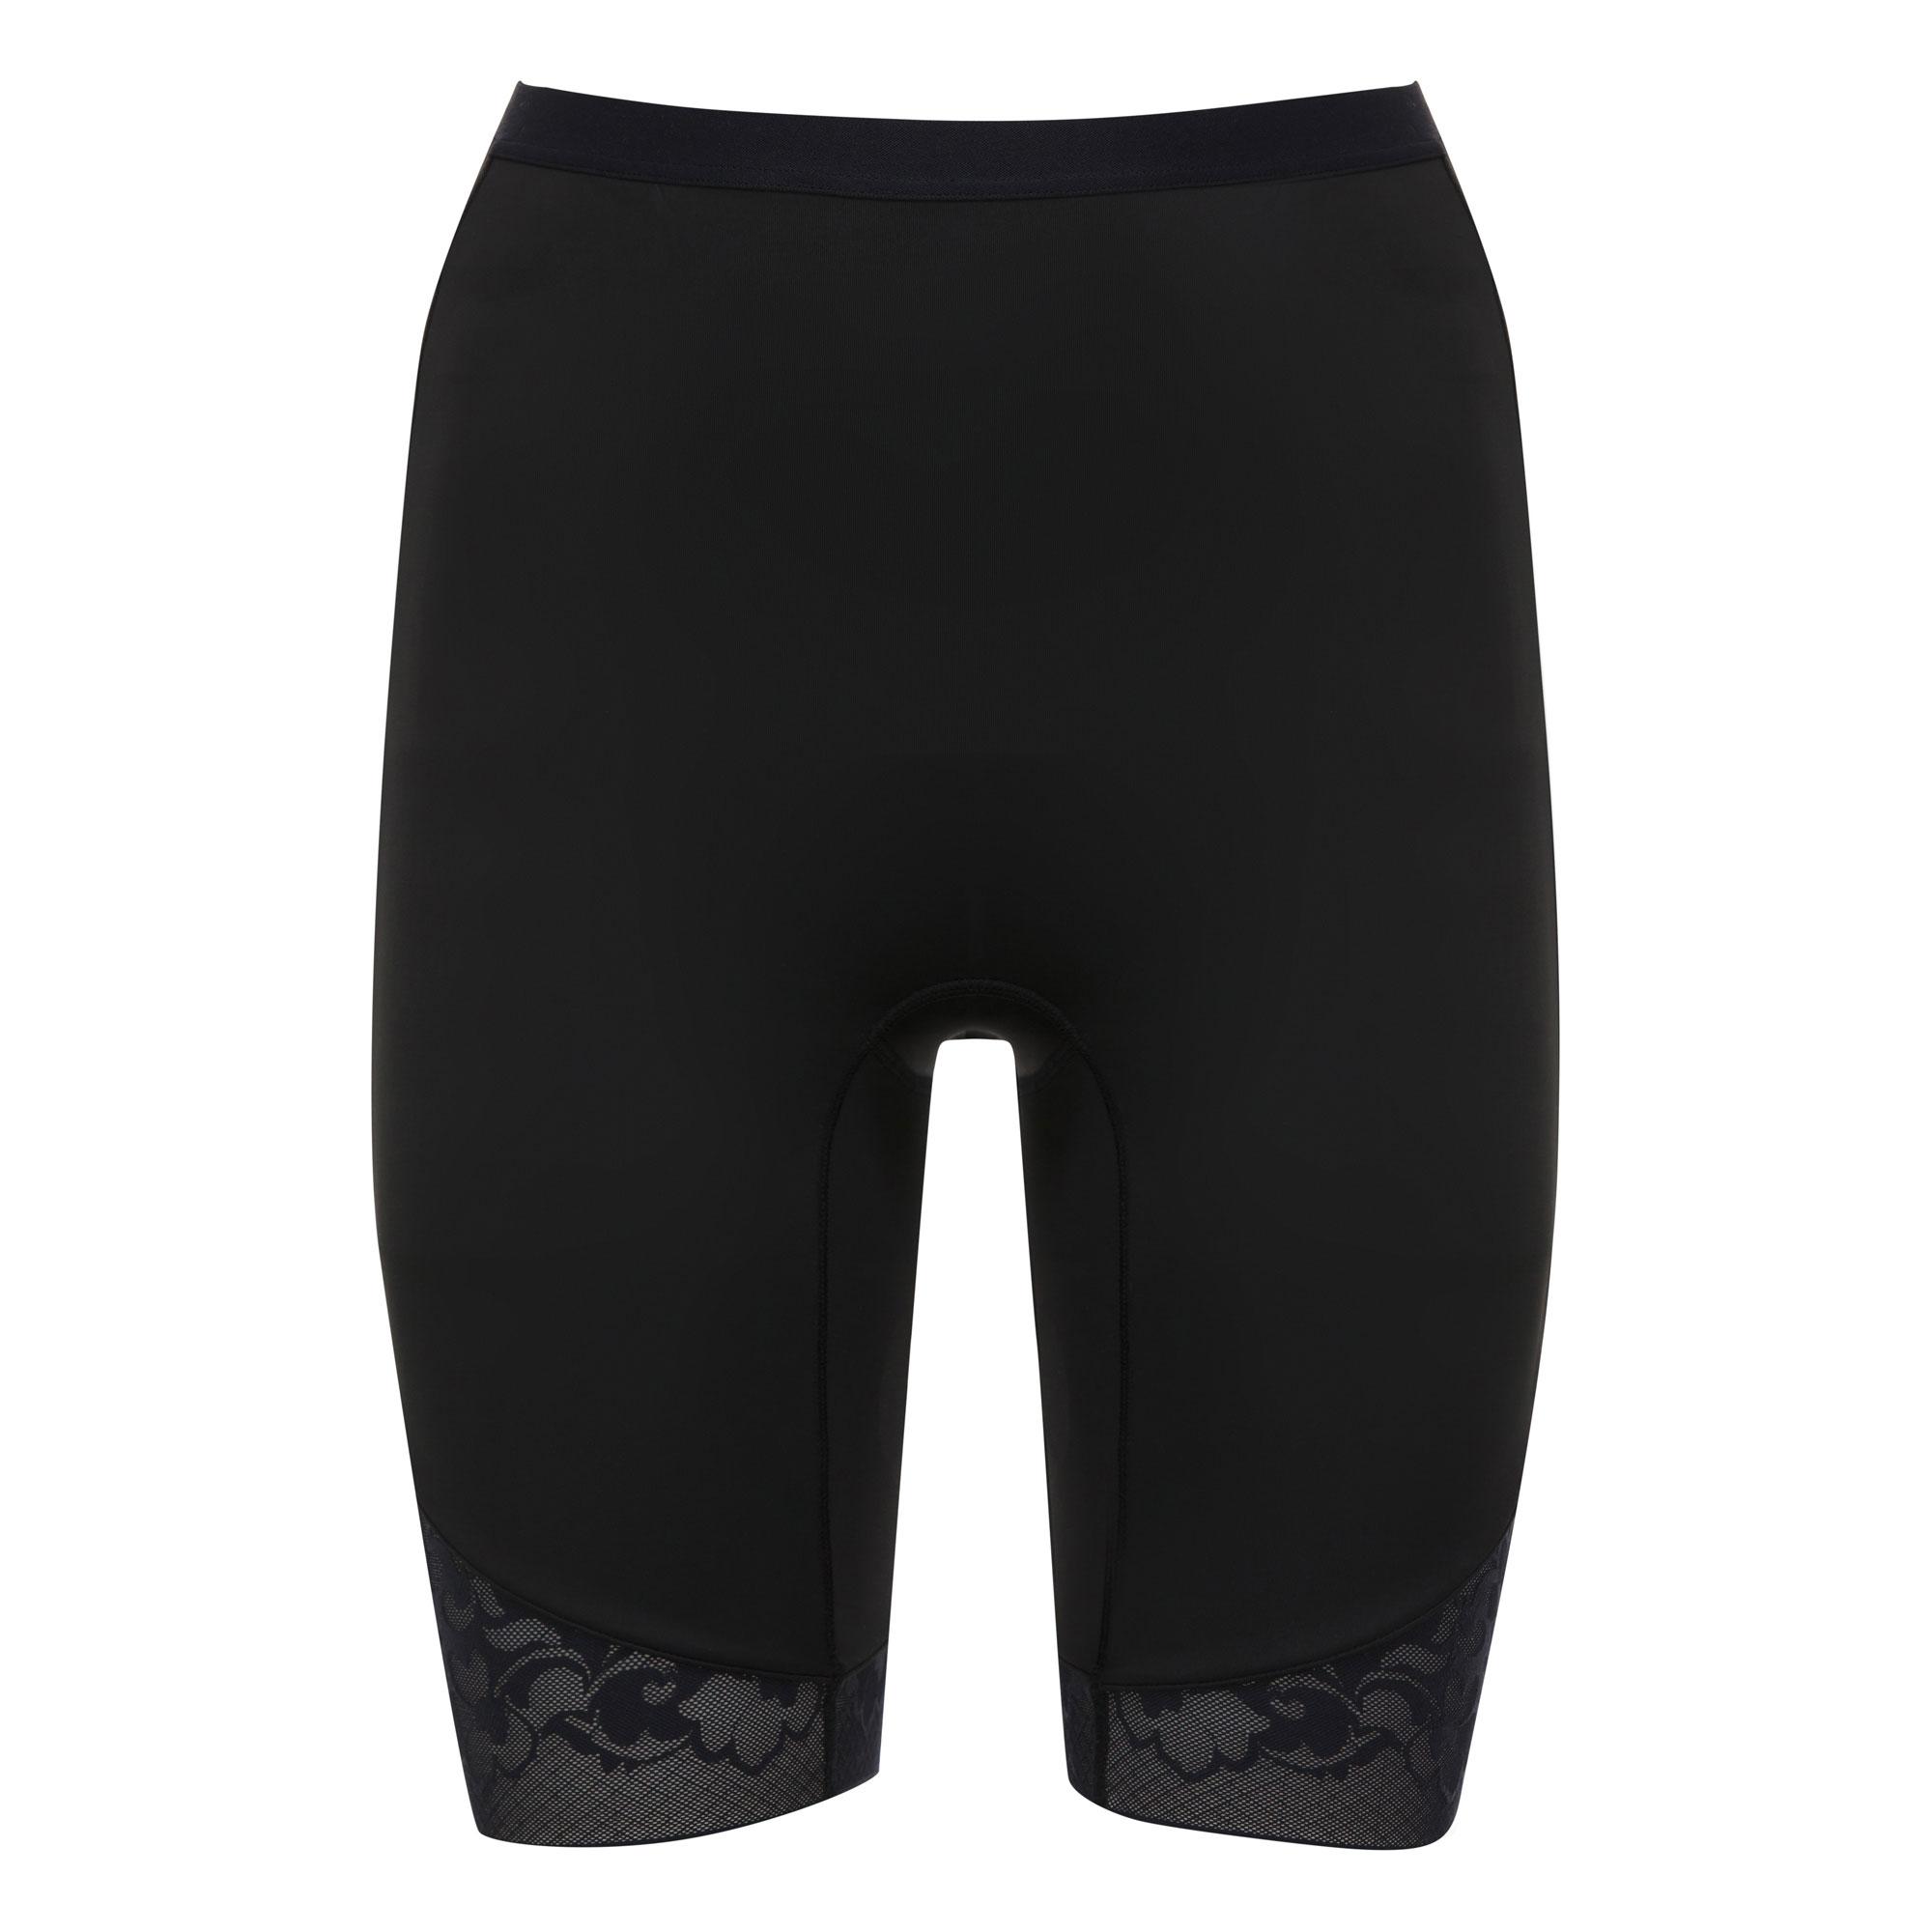 Panty noir - Expert in Silhouette-PLAYTEX